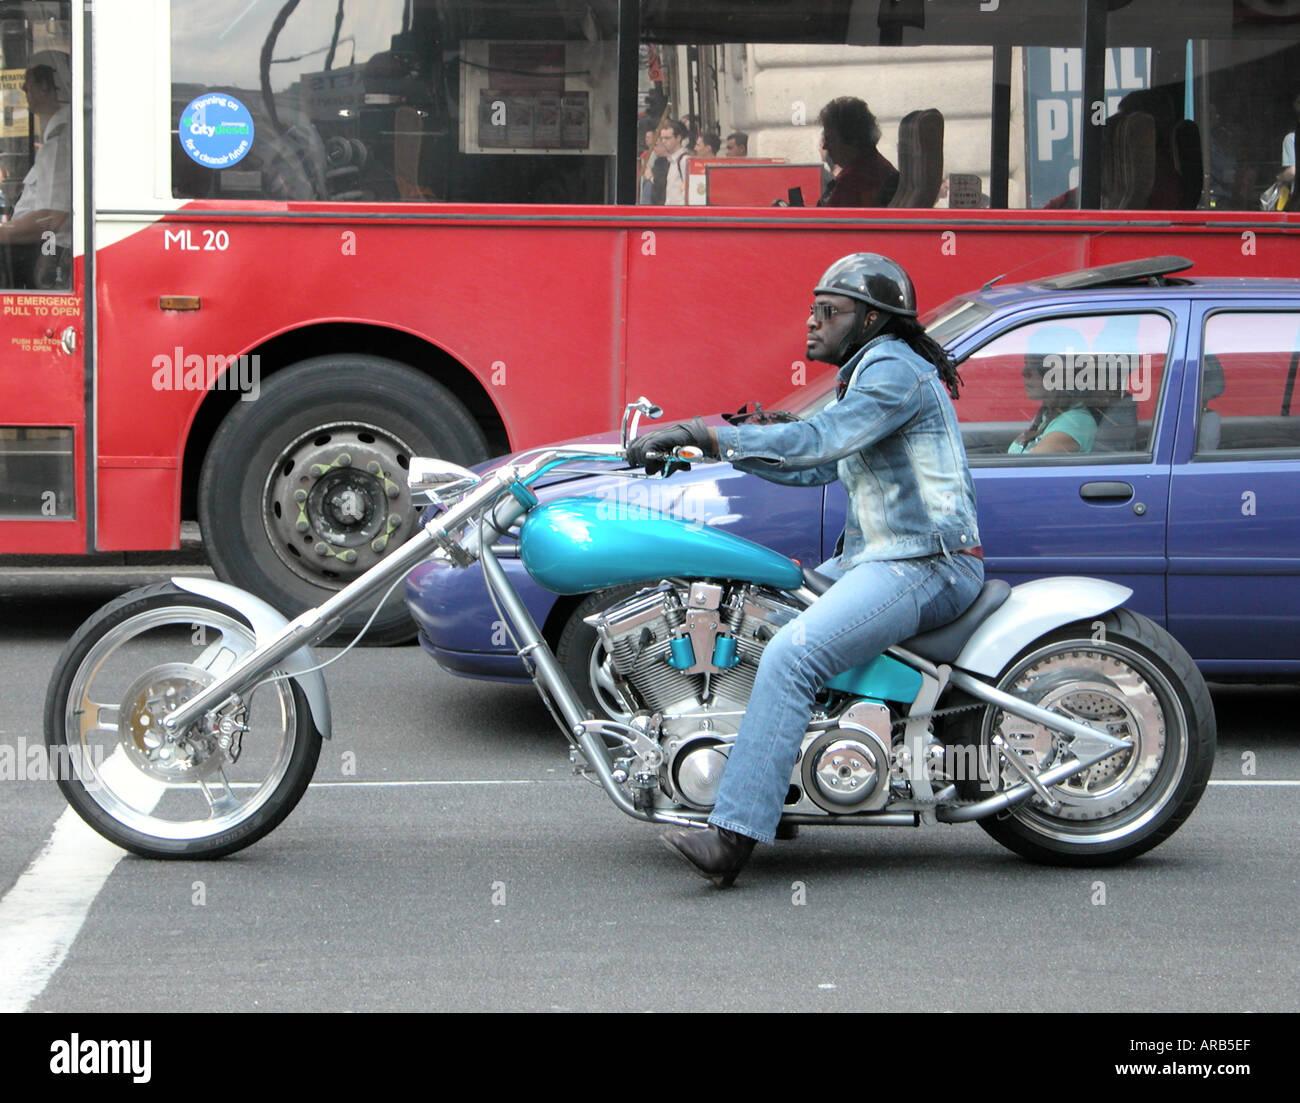 a biker on a modified chopper bike  in London - Stock Image